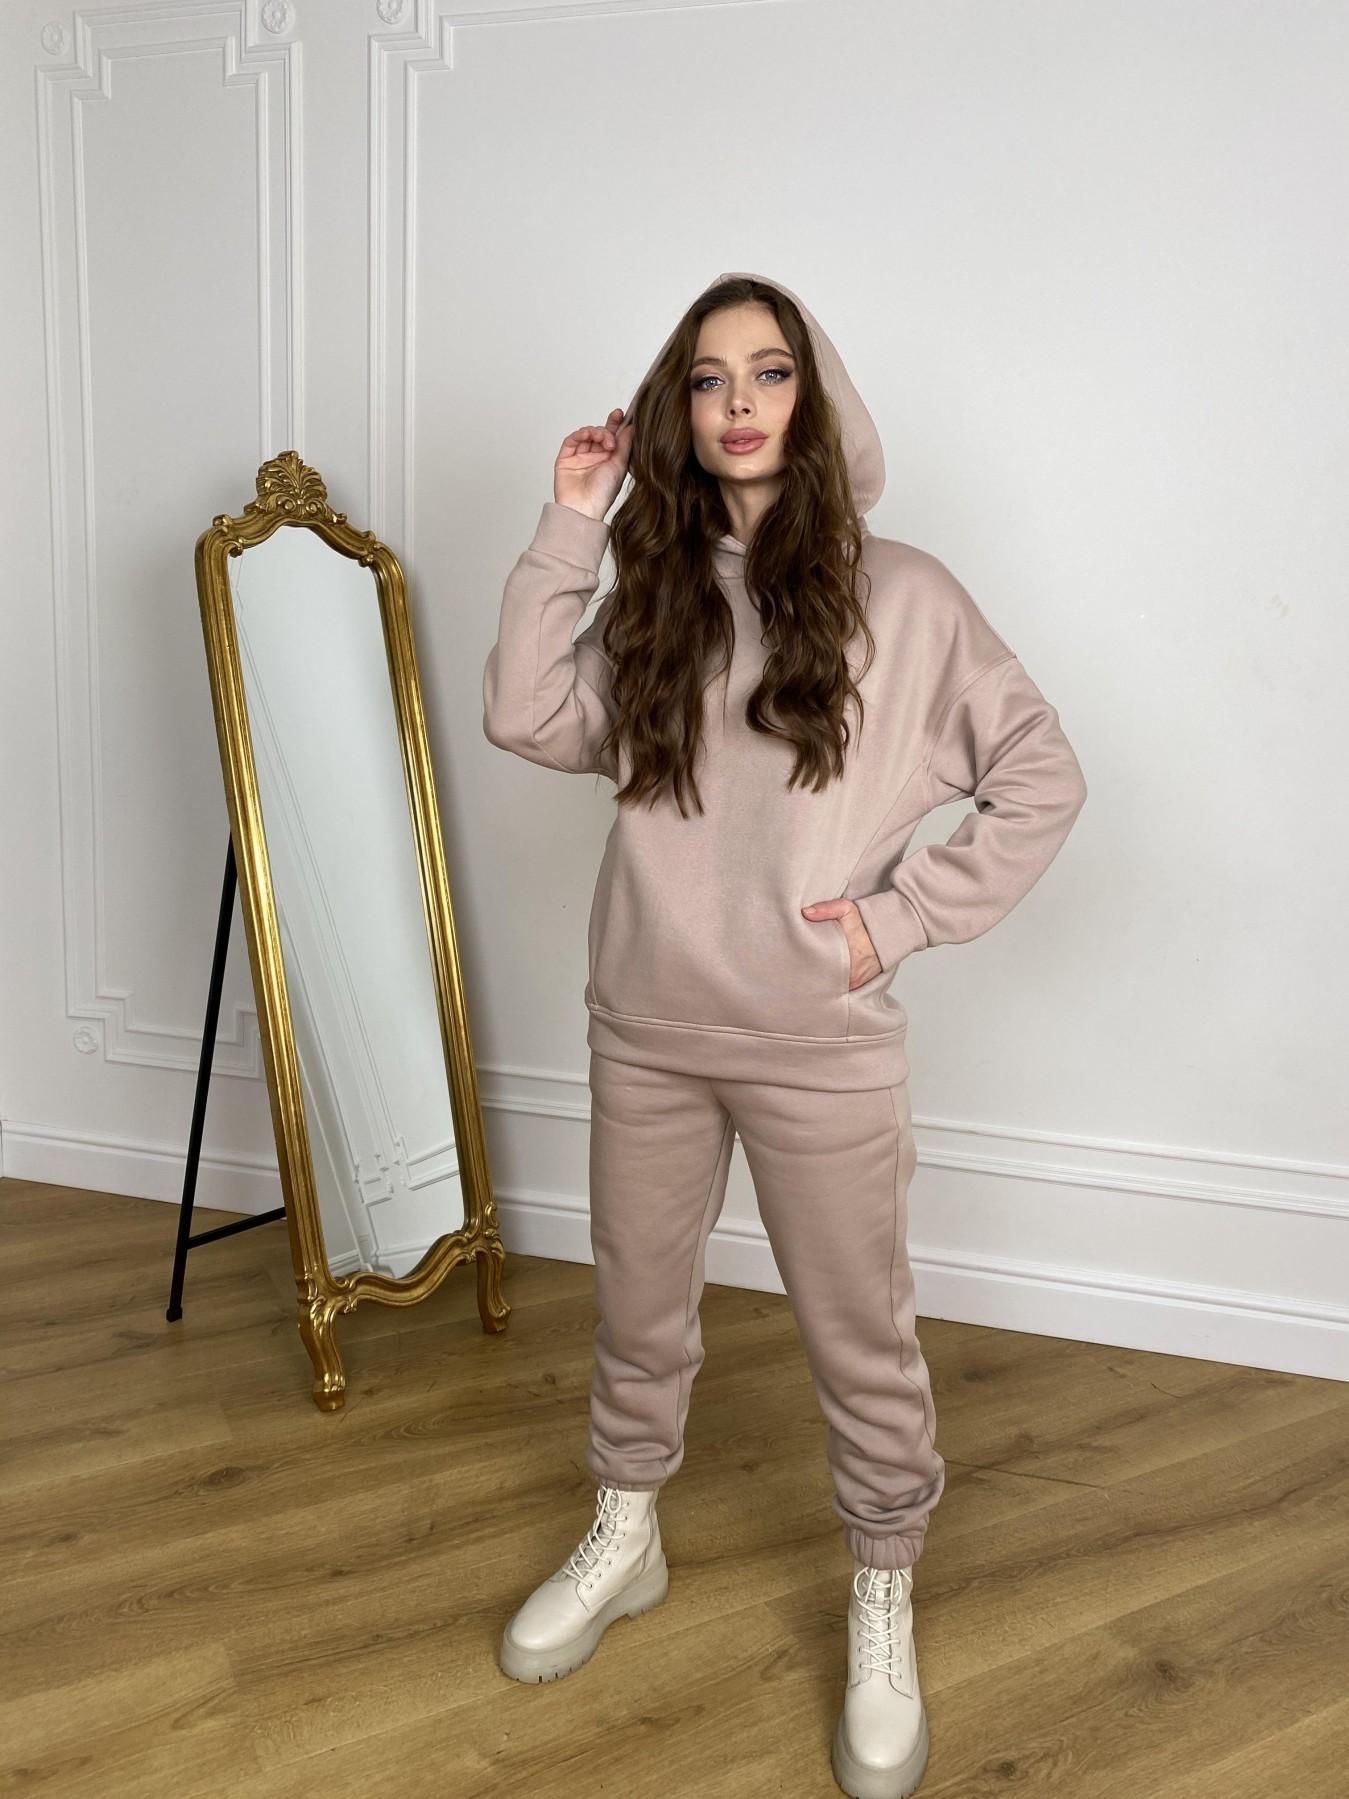 МДС Hot костюм с начесом 3х нитка  10519 АРТ. 46871 Цвет: Кофе - фото 8, интернет магазин tm-modus.ru